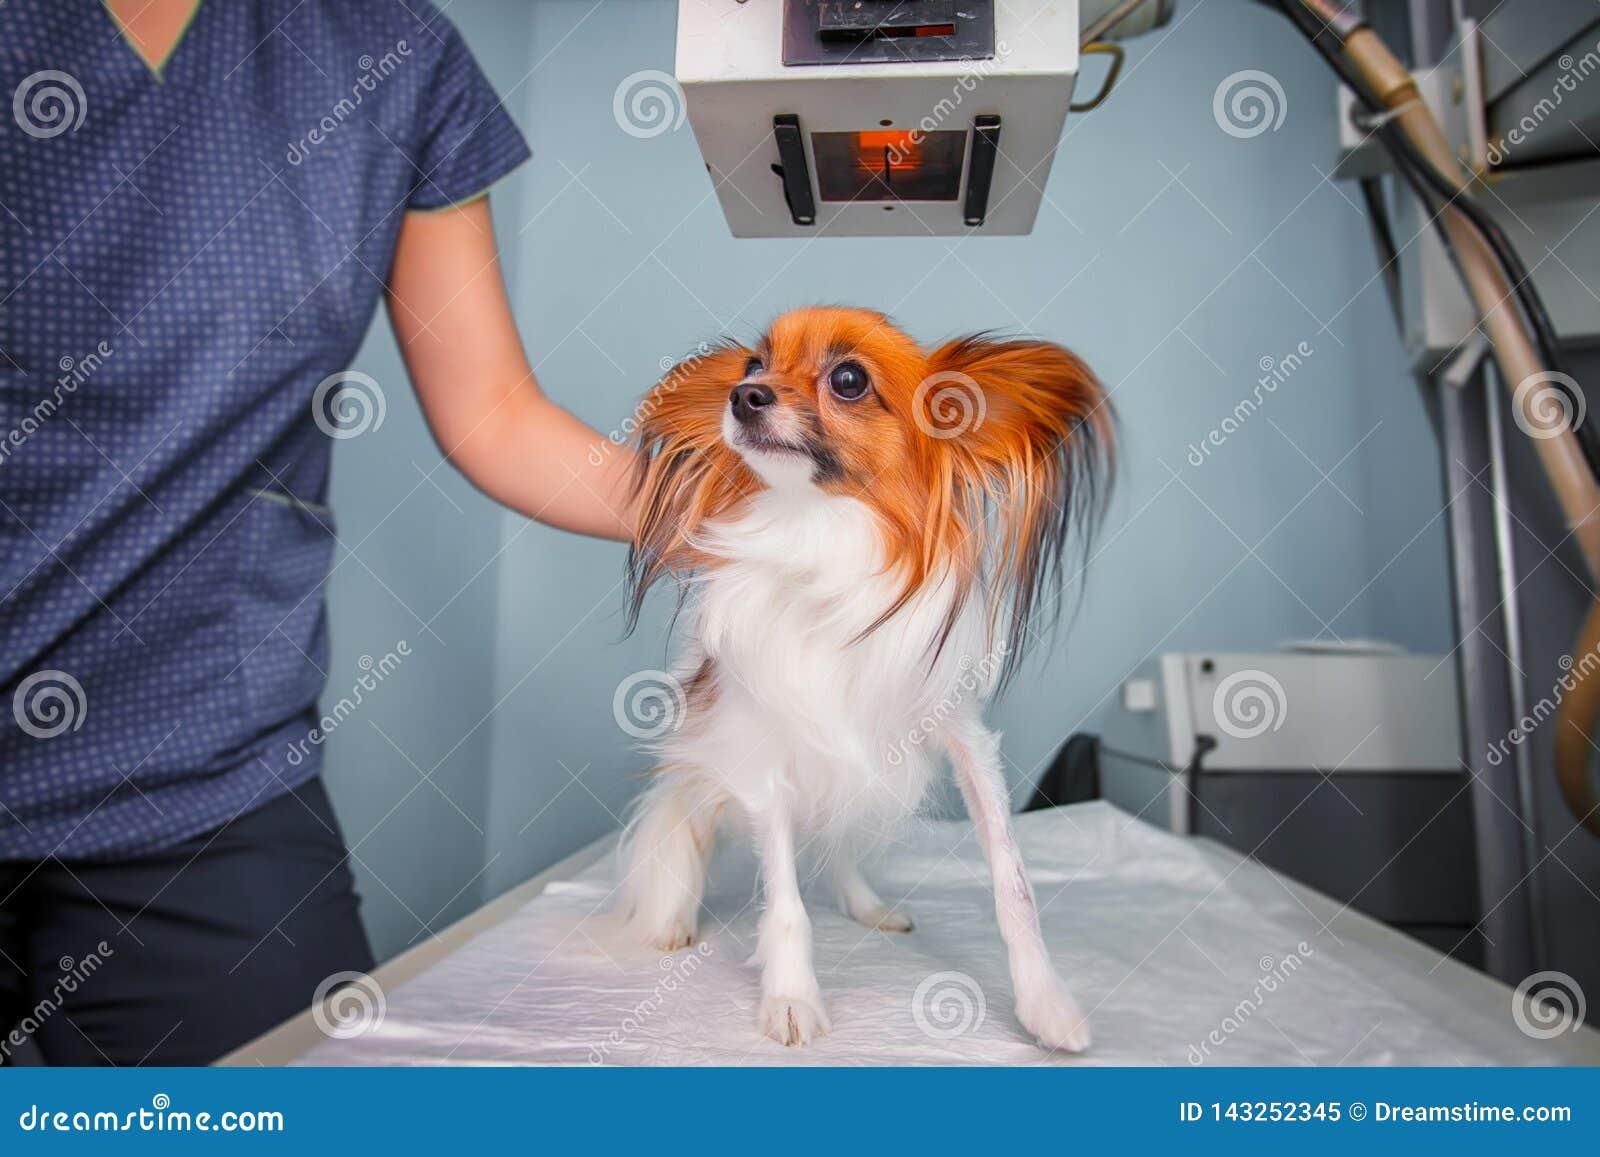 Arts die hond in x-ray ruimte onderzoeken